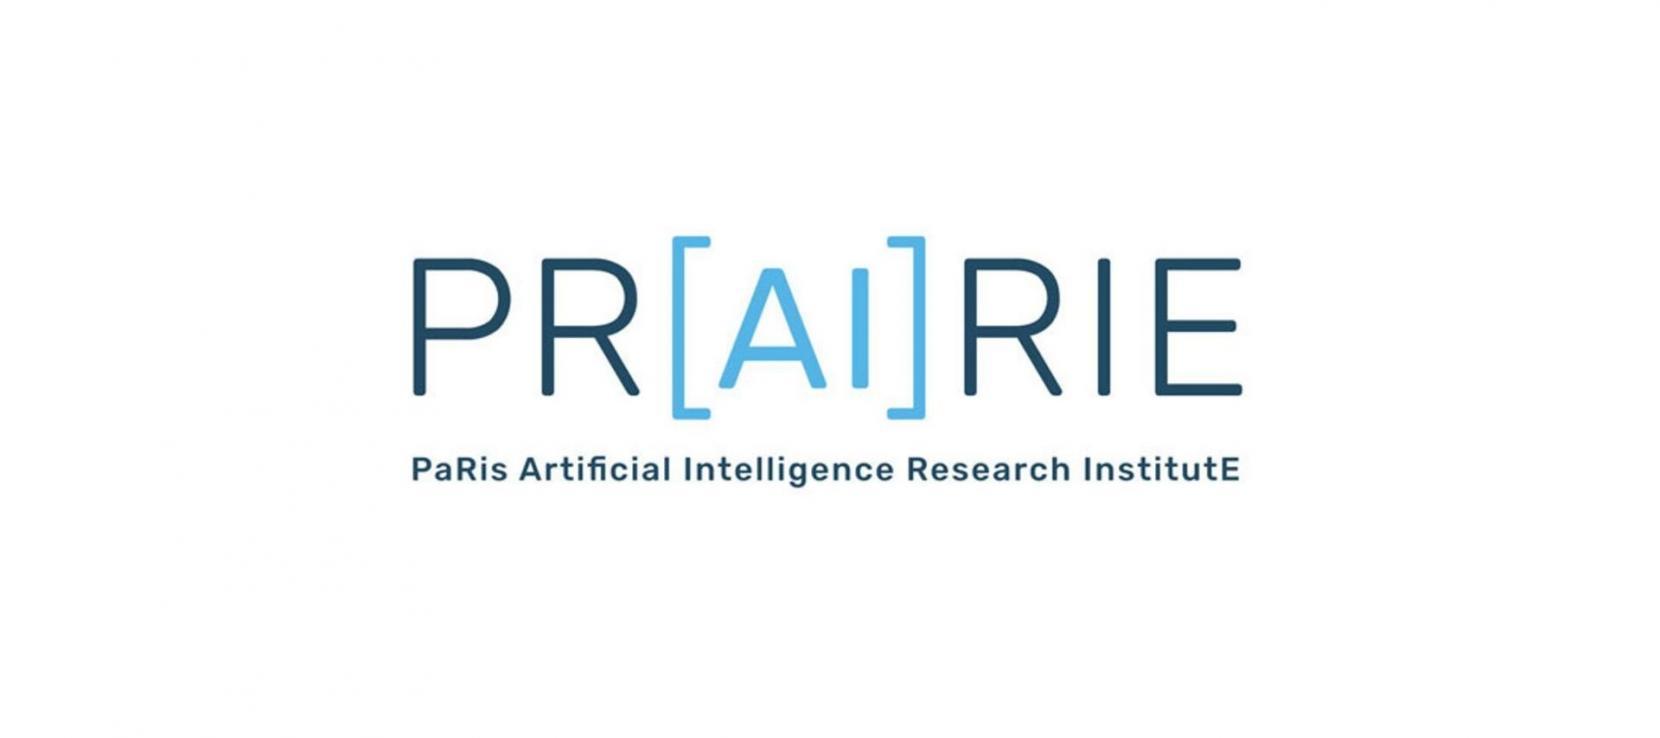 PRAIRIE logo